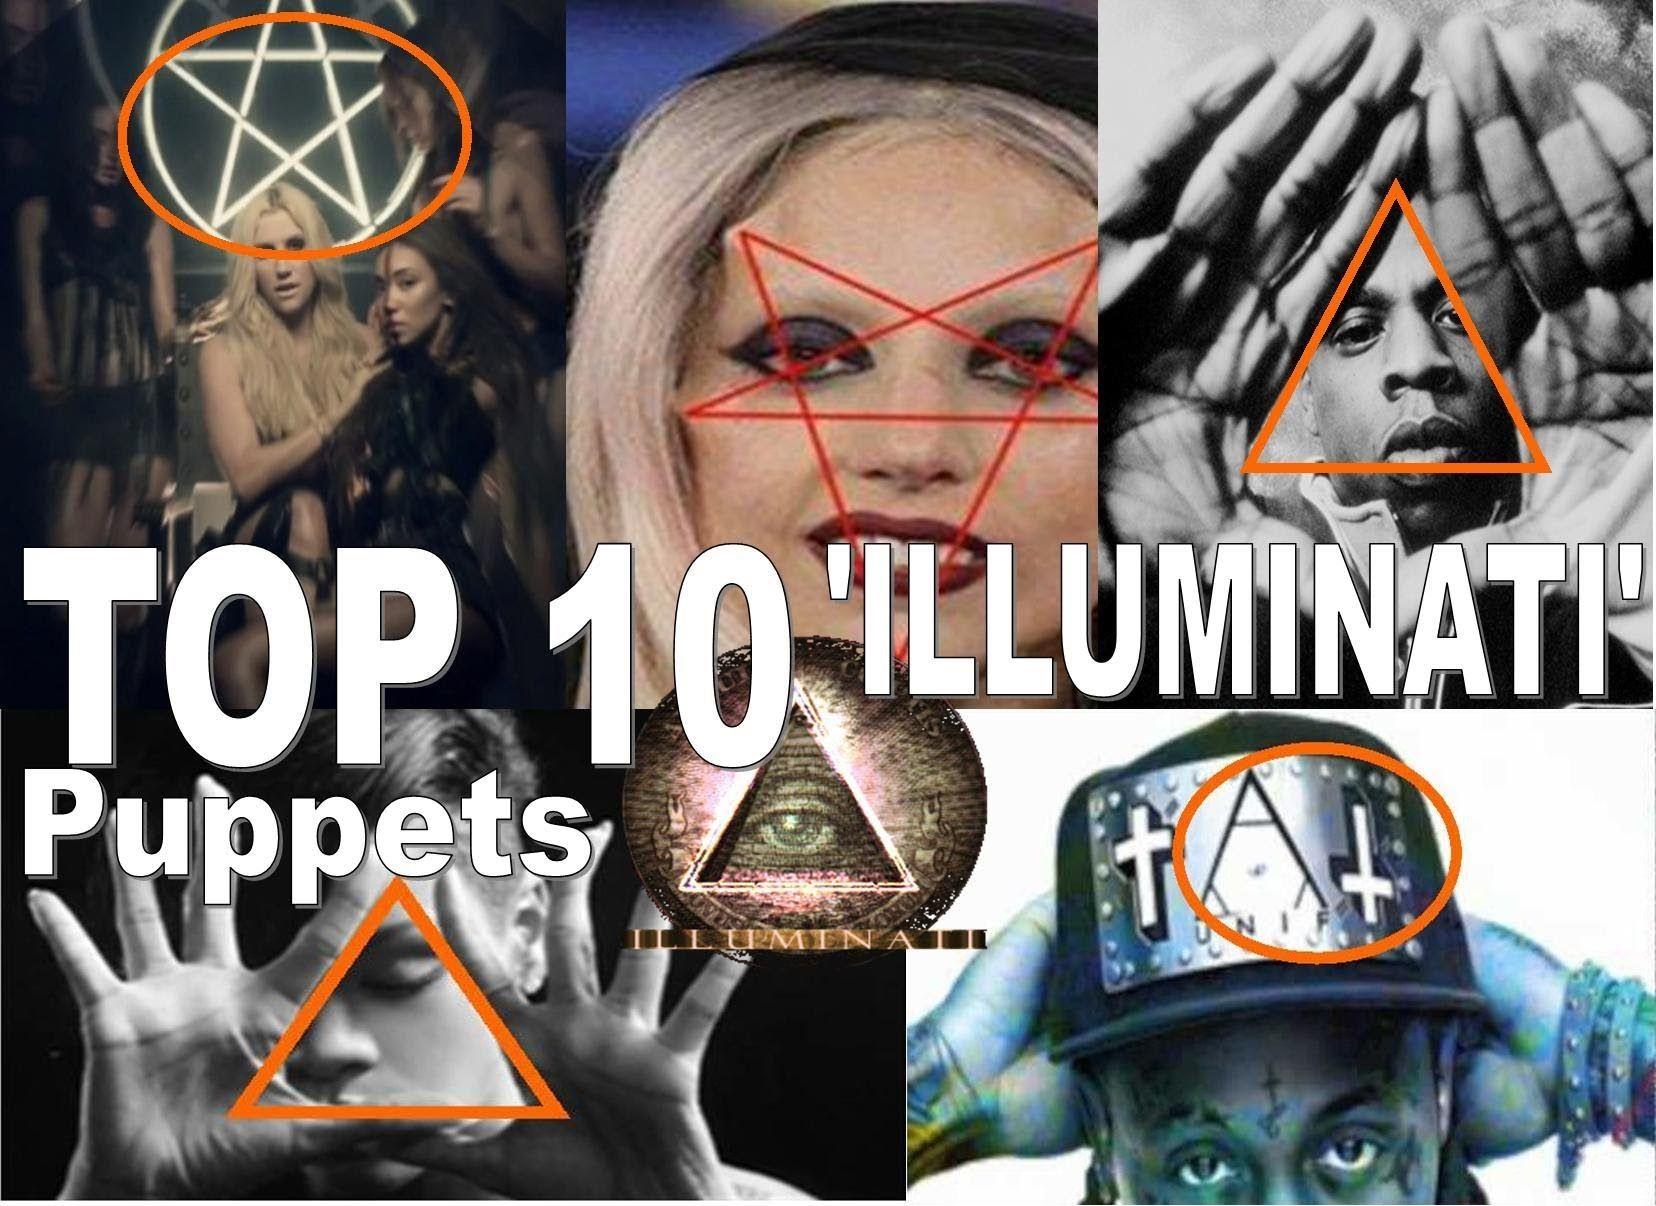 Top 10 Illuminati Pop Puppetscelebrities Satanic Music Industry